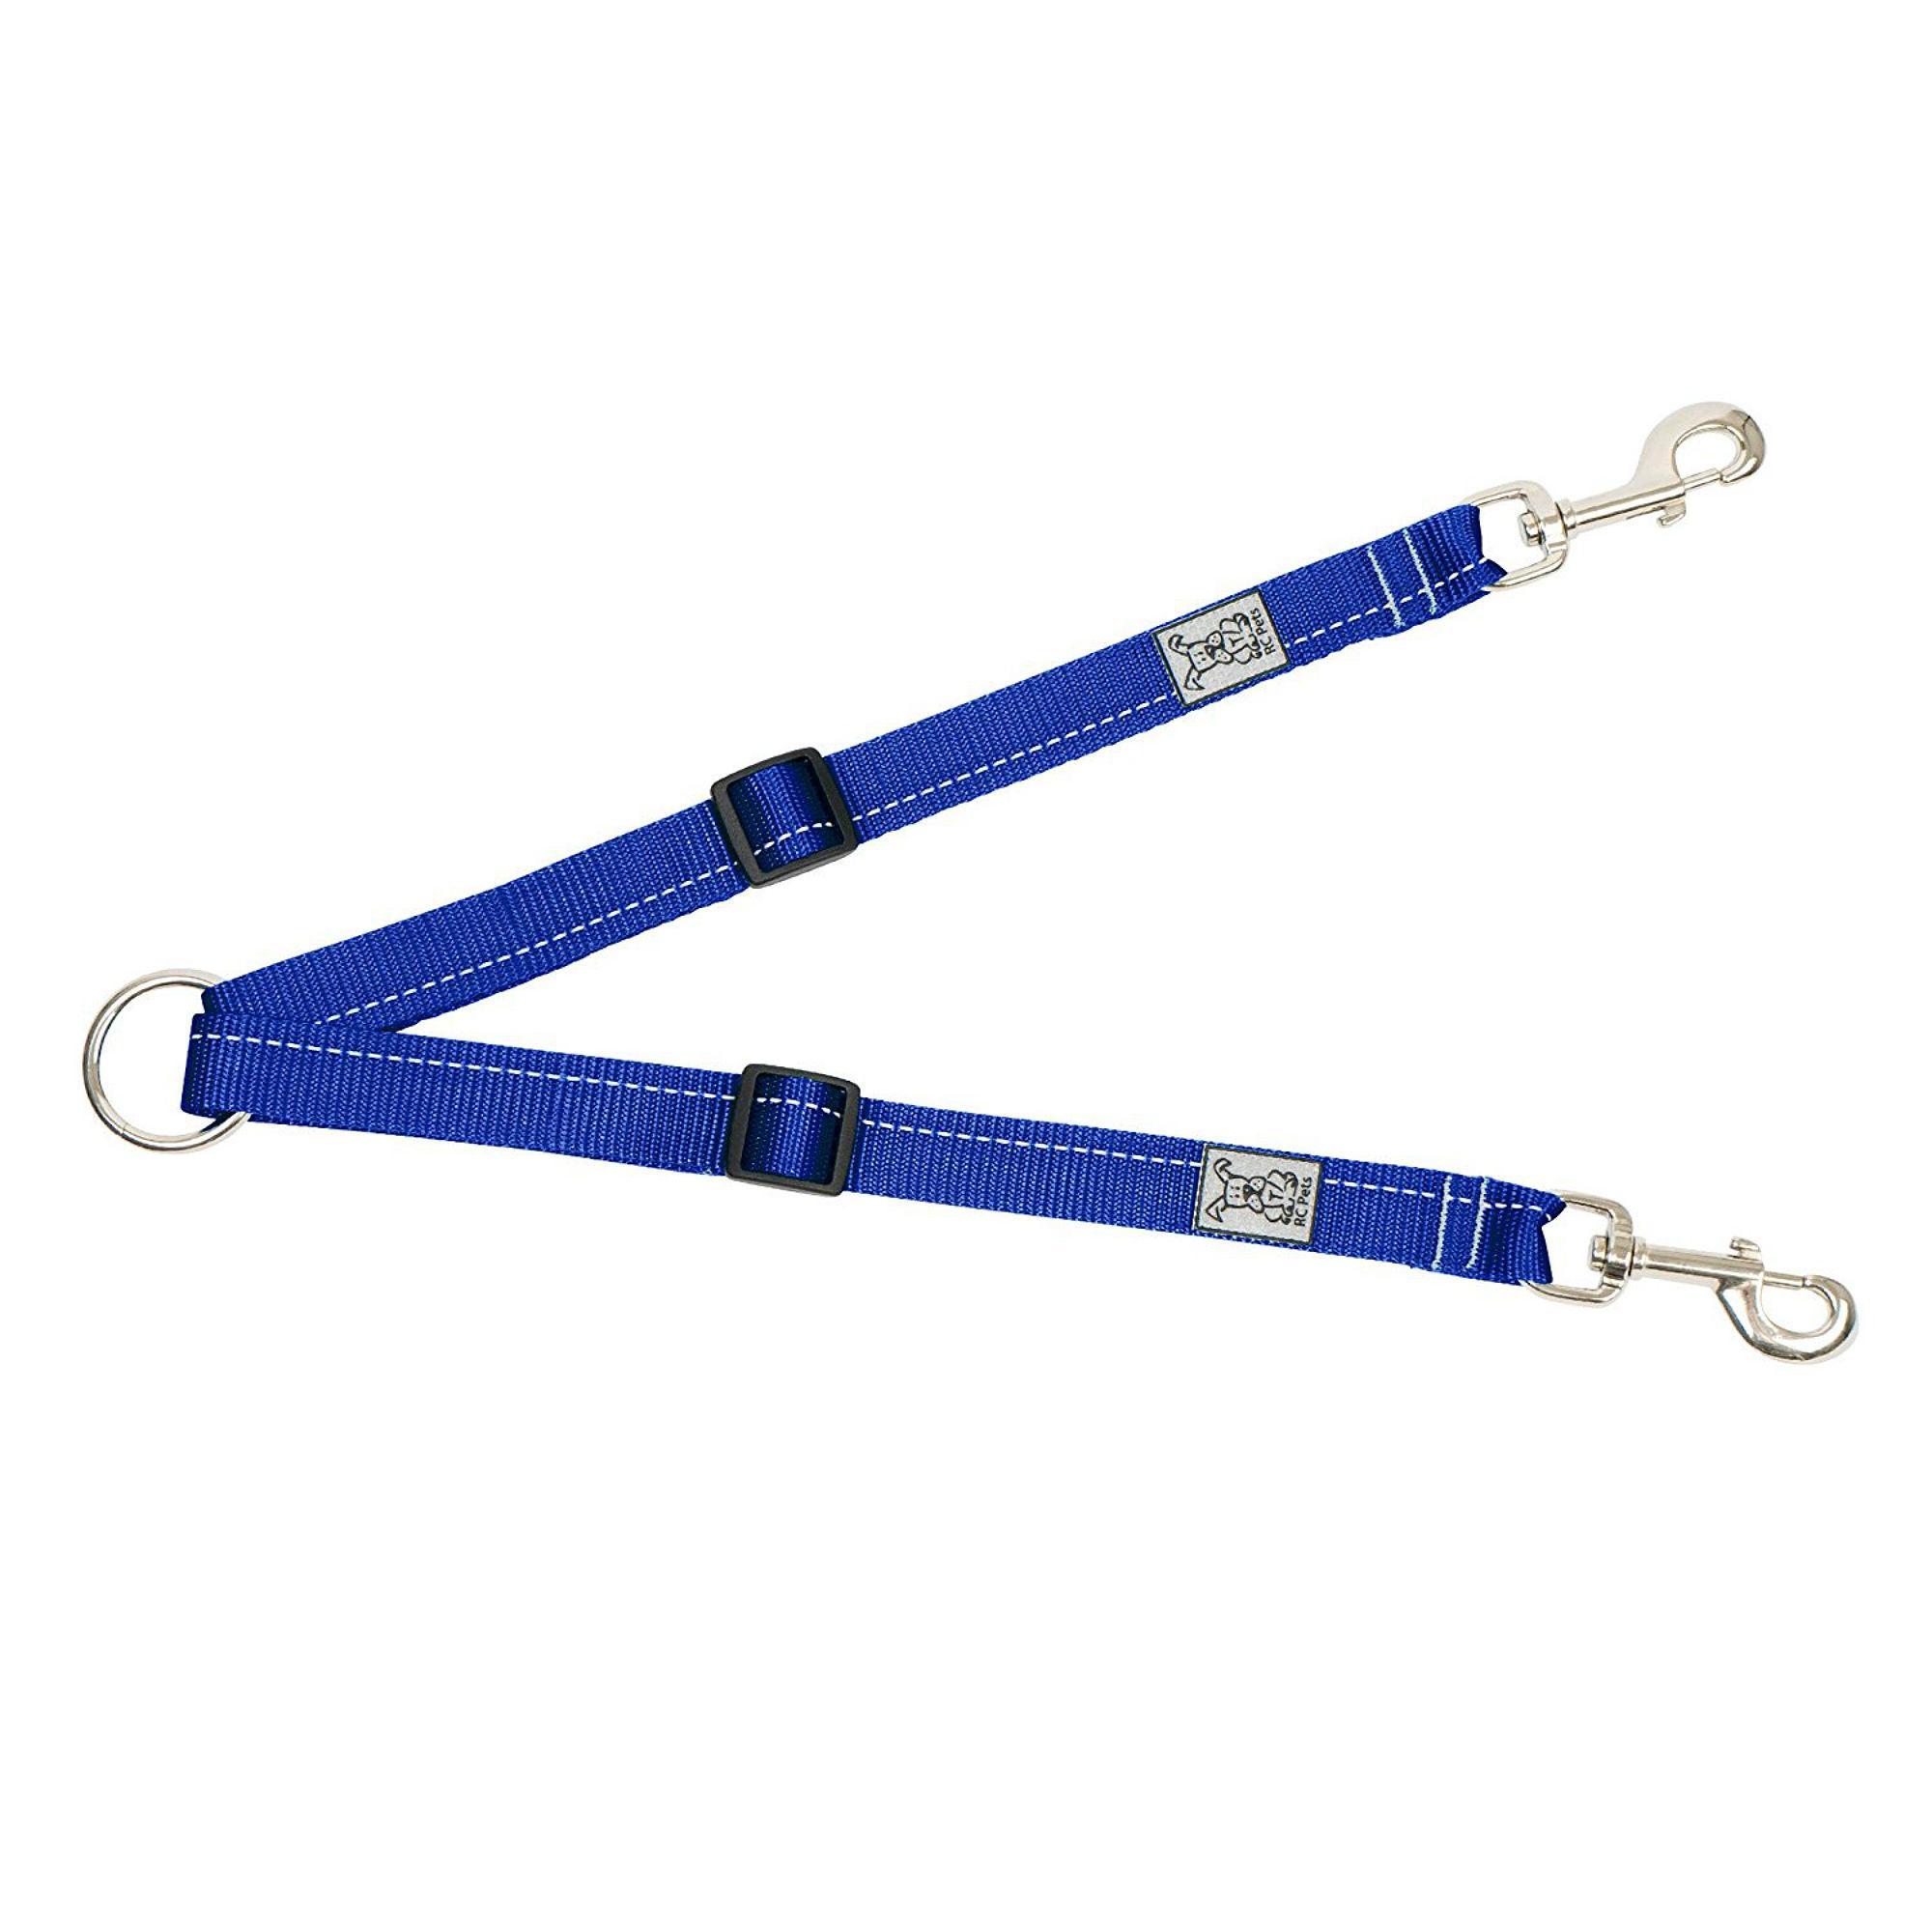 Primary Adjustable Dog Coupler - Royal Blue